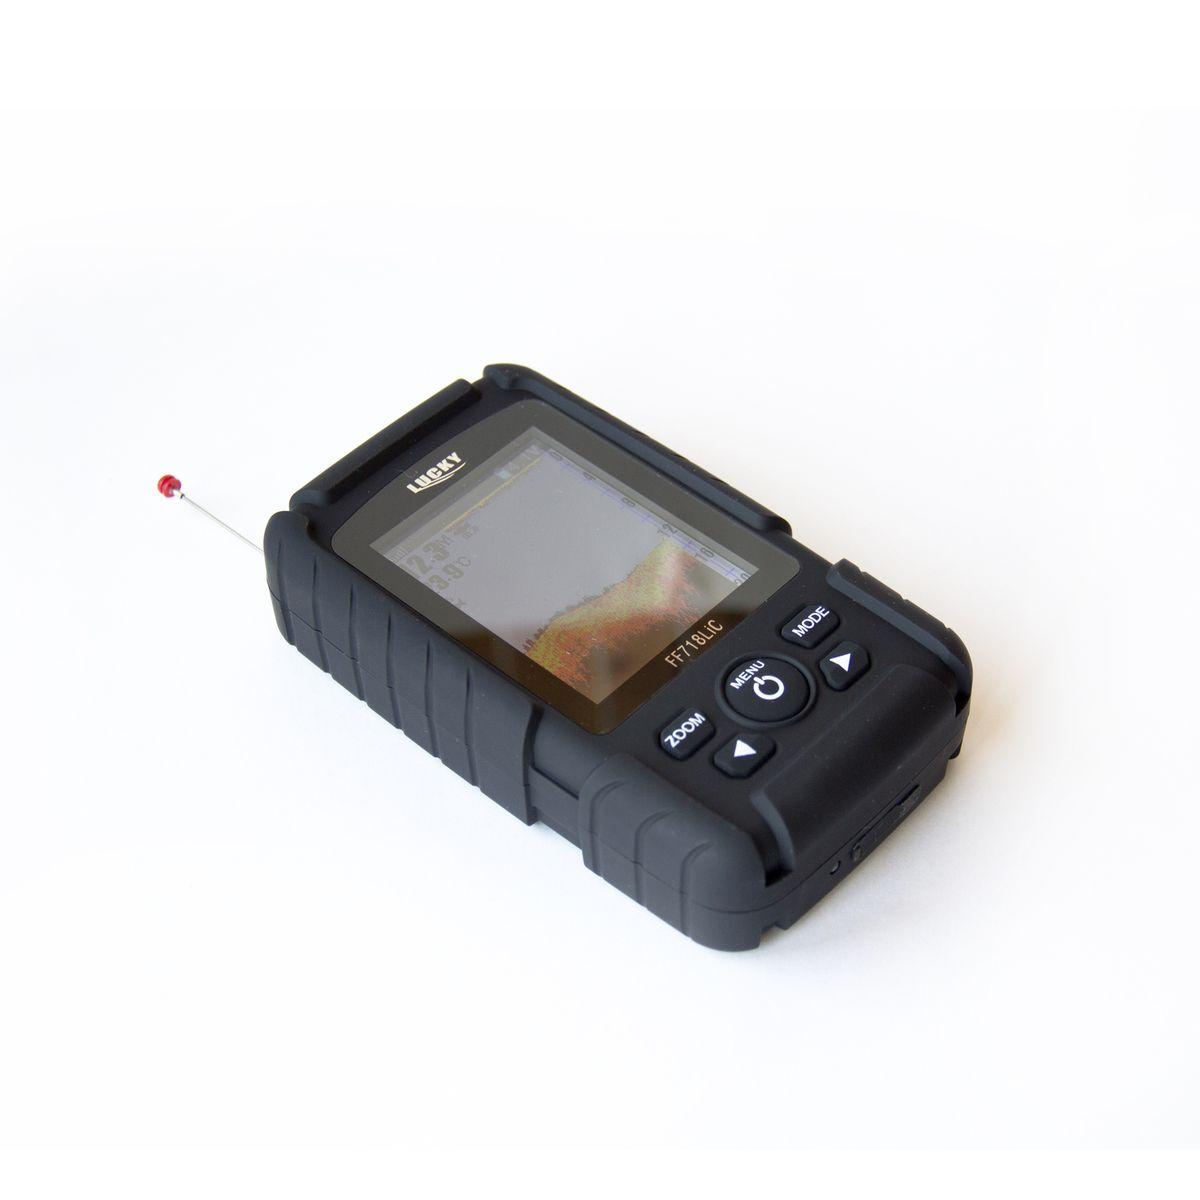 Эхолот Lucky FF718LiCFF718LiCДисплей: Регулируемый, высококонтрастный цветной ЖК-дисплей; Разрешение: 132х132 Размер дисплея: 41x48 мм Подсветка экрана: Вкл./Выкл Белый светодиод Радиус работы беспроводного датчика до 40м Углы и частоты датчиков: Проводной :45 градусов при 200 кГц; Беспроводной 90 градусов при 125 кГц Единицы измерения температуры: Цельсий/Фаренгейт Питание прибора: 3.7 V перезаряжаемые щелочные батареи Индикатор заряда батареи Настройка уровней чувствительности Отображение иконки рыбы, сигнализации рыбы Отображение рельефа дна Единицы измерения расстояния Метр/Фут Индикатор Температуры Воды Уровень защищенности: IP7.8 Память: встроенная память хранит sonar настройку, если устройство выключено Автоматическое выключение беспроводного датчика при извлечении из воды. Питание беспроводного датчика:одна сменная СR-2032 литиевая батарея Рабочая температура:от -20°С до +70°С